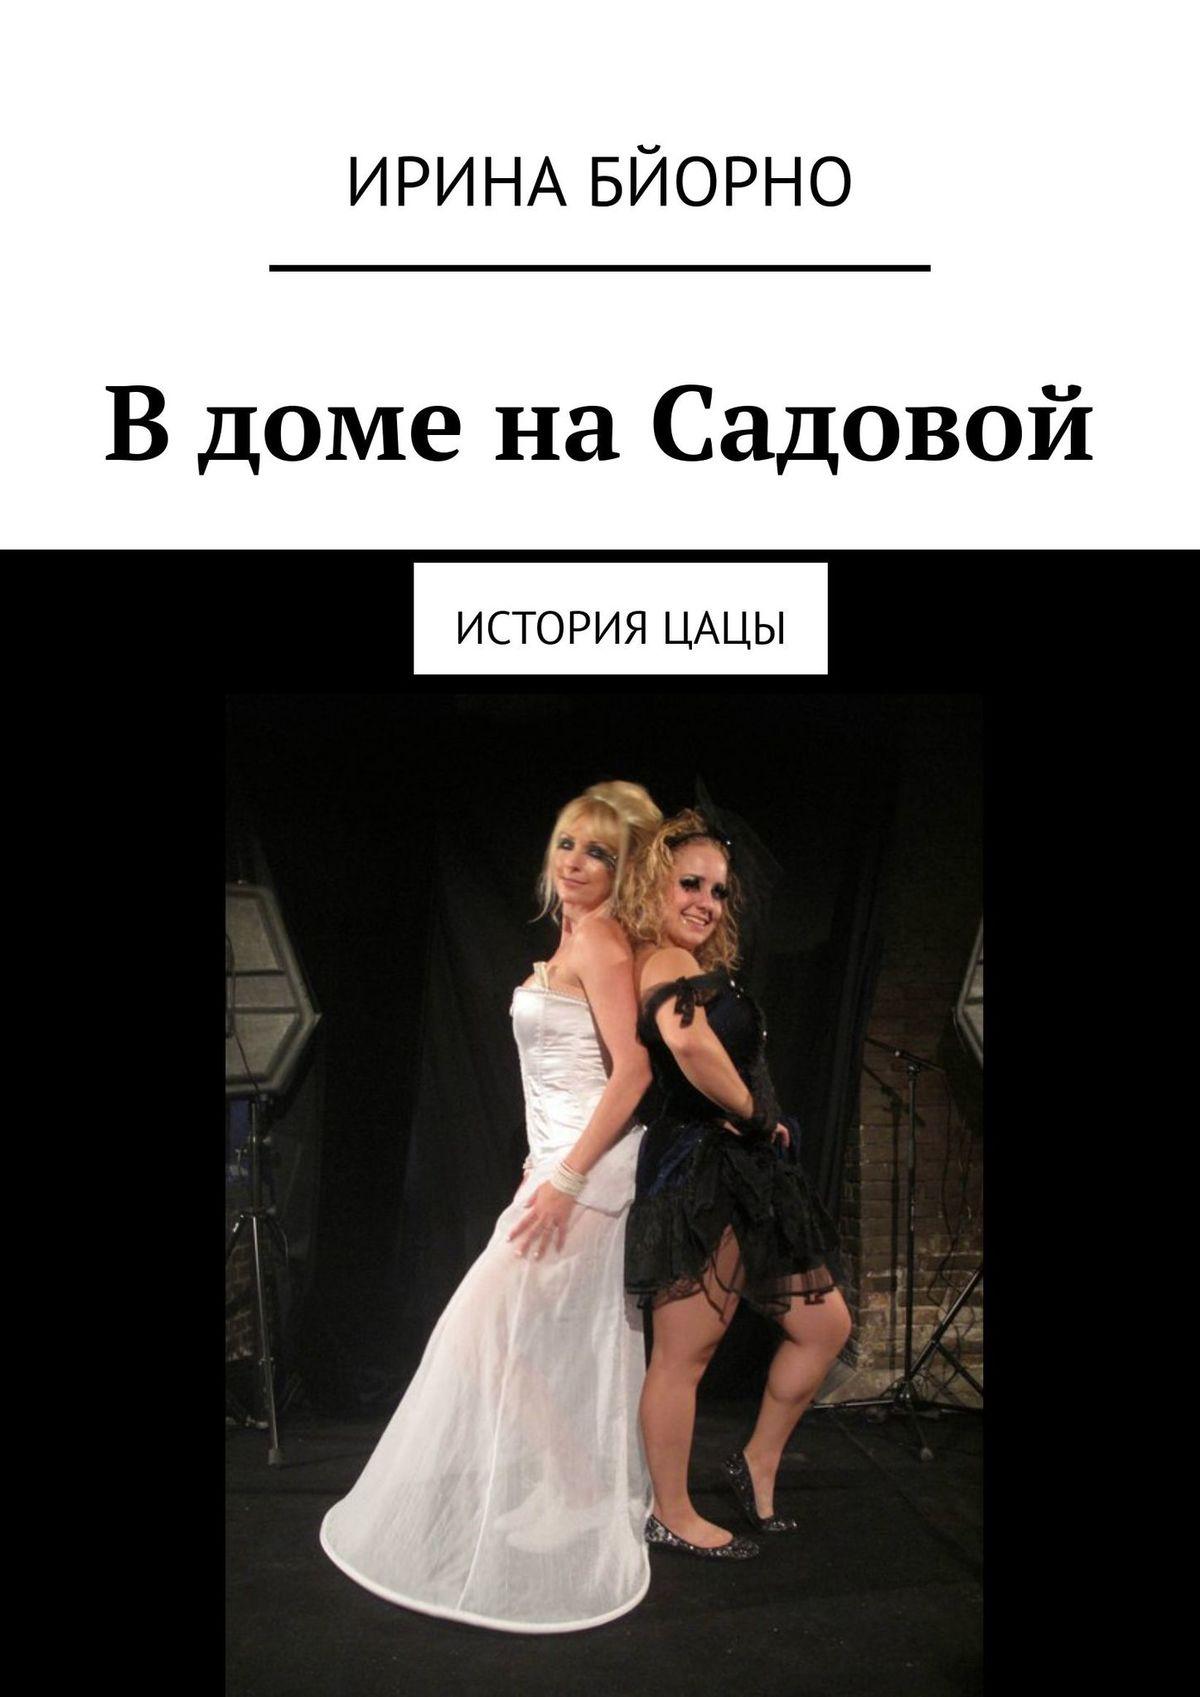 цены на Ирина Бйорно Вдоме наСадовой. ИсторияЦацы  в интернет-магазинах